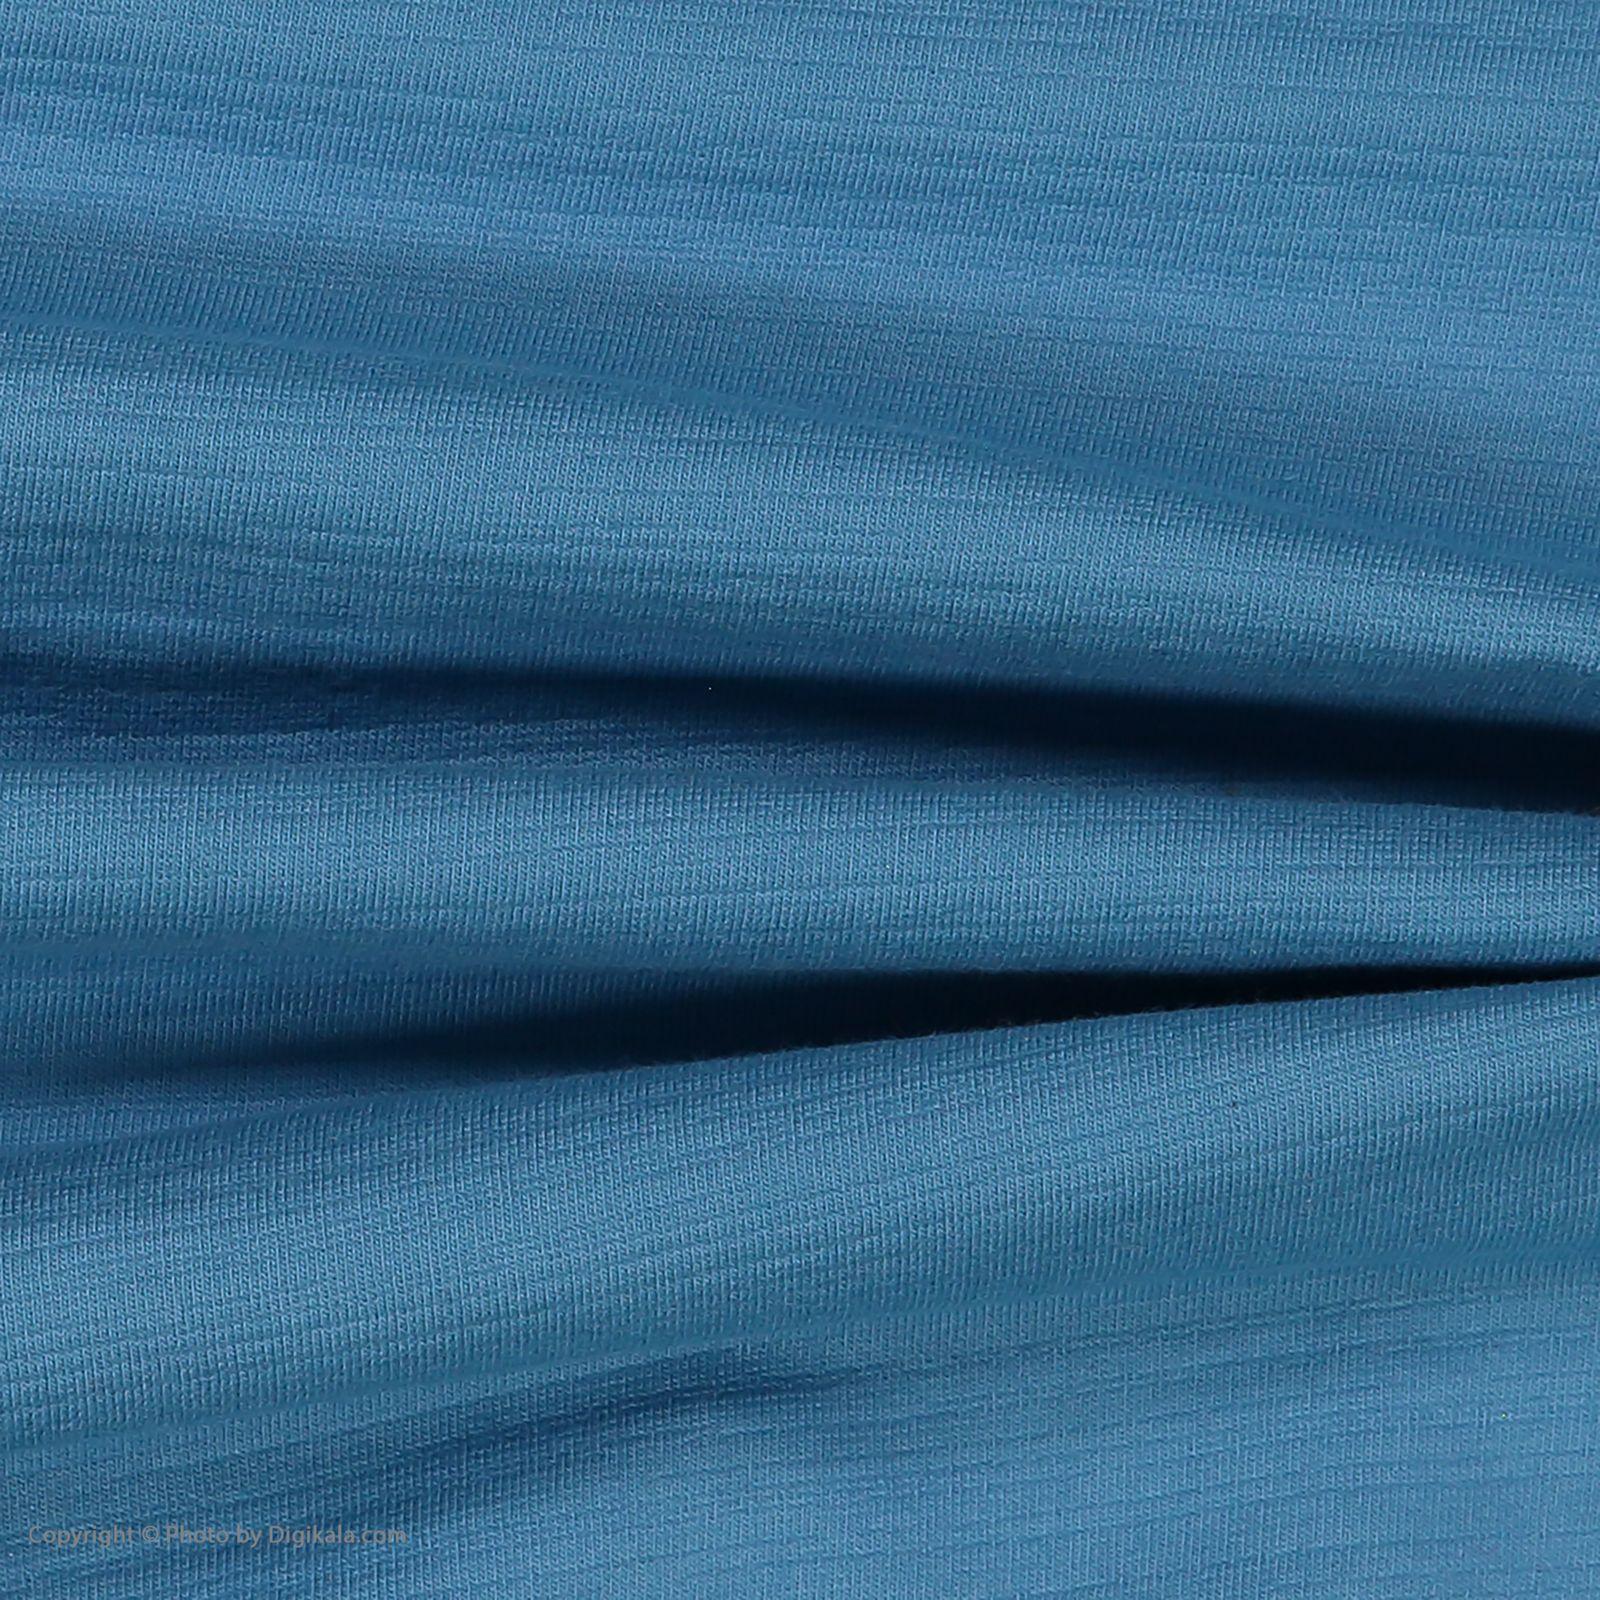 سویشرت پسرانه کیکی رایکی مدل KBB2556-016 -  - 4